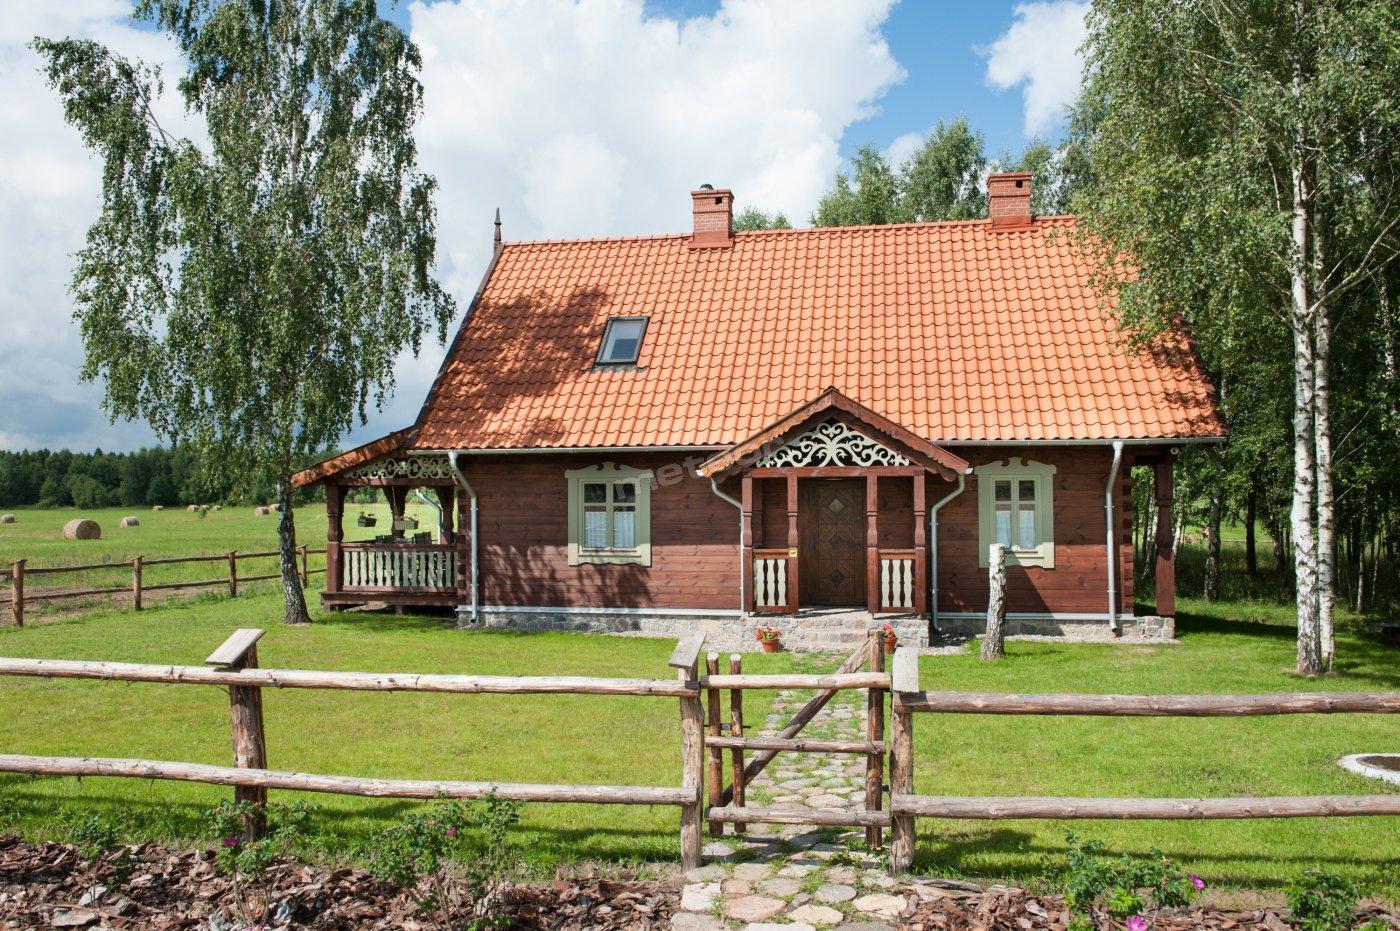 Dom widoczny od frontu